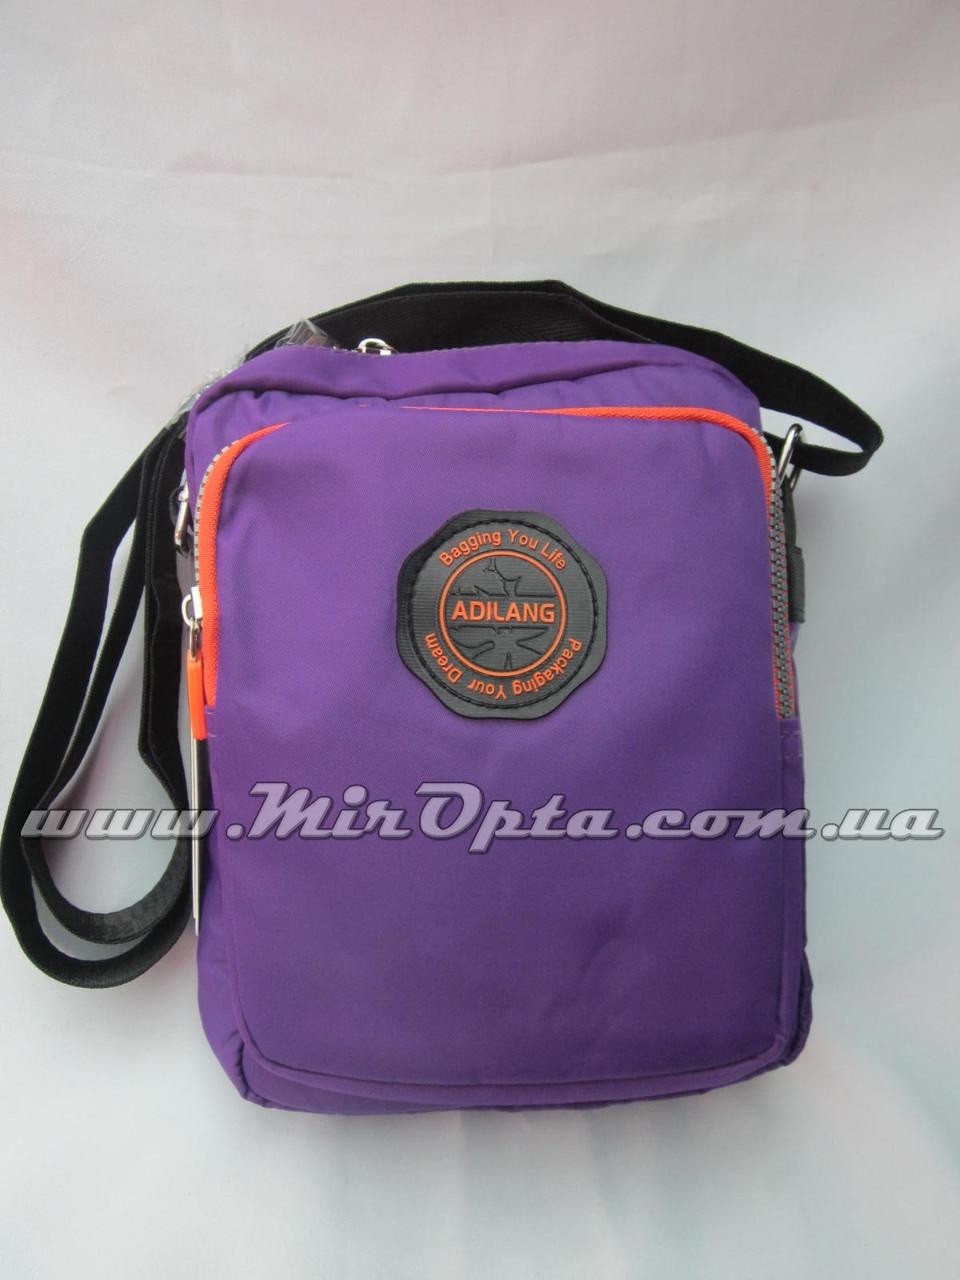 703b2c62b57b Мужская сумка (20х25 см.) купить оптом от производителя - Од Маркет самые  низкие